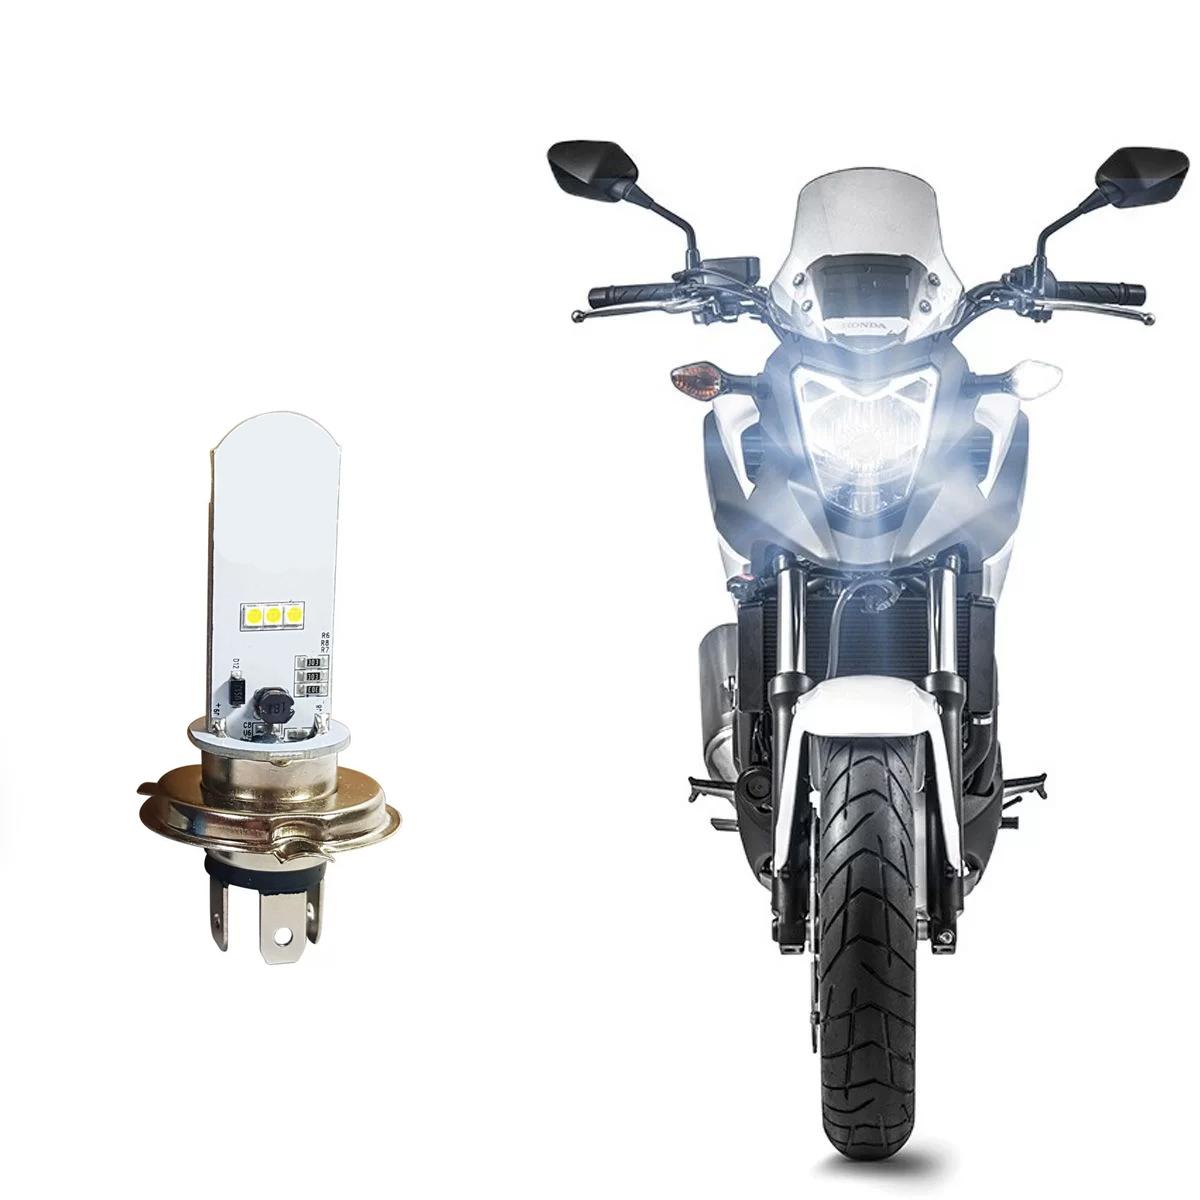 Imagem de FLH4M - Lampada LED H4 moto 3/6W Corrente Continua e Alternada 8000K